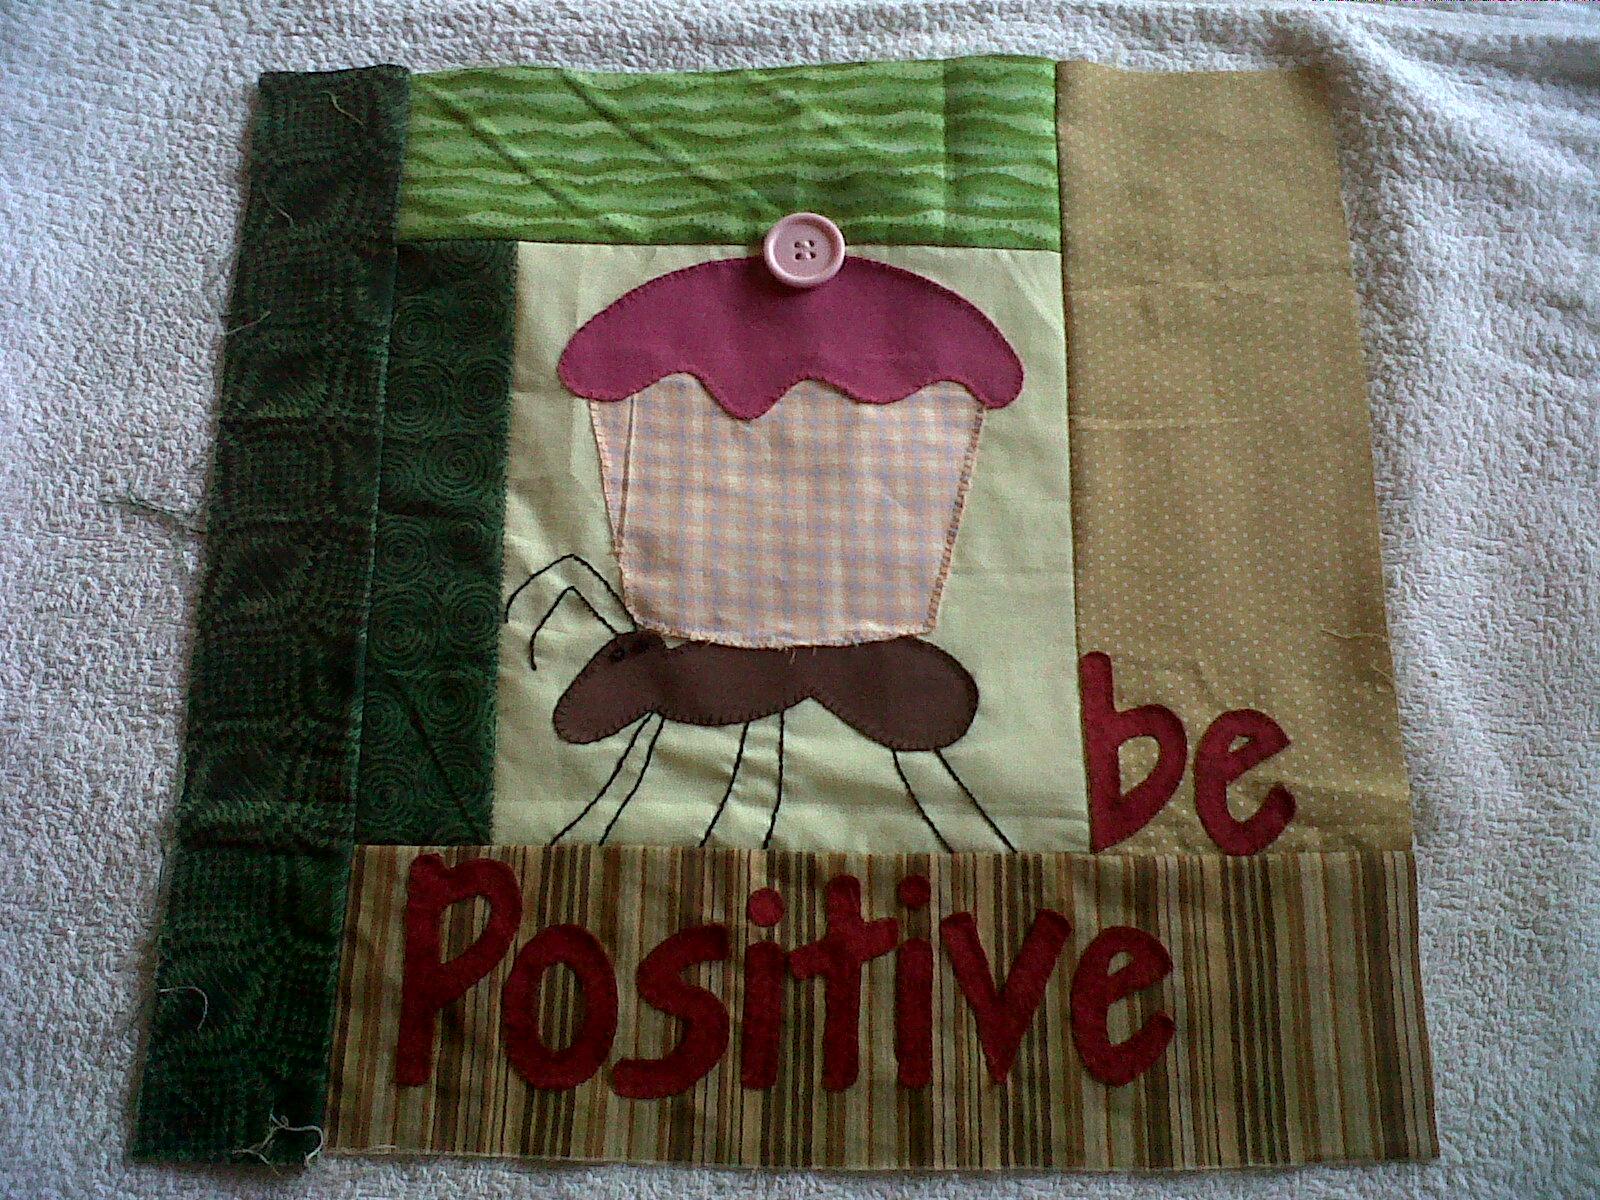 Labores artesanas sal buenas actitudes - Almazuelas patrones gratis ...